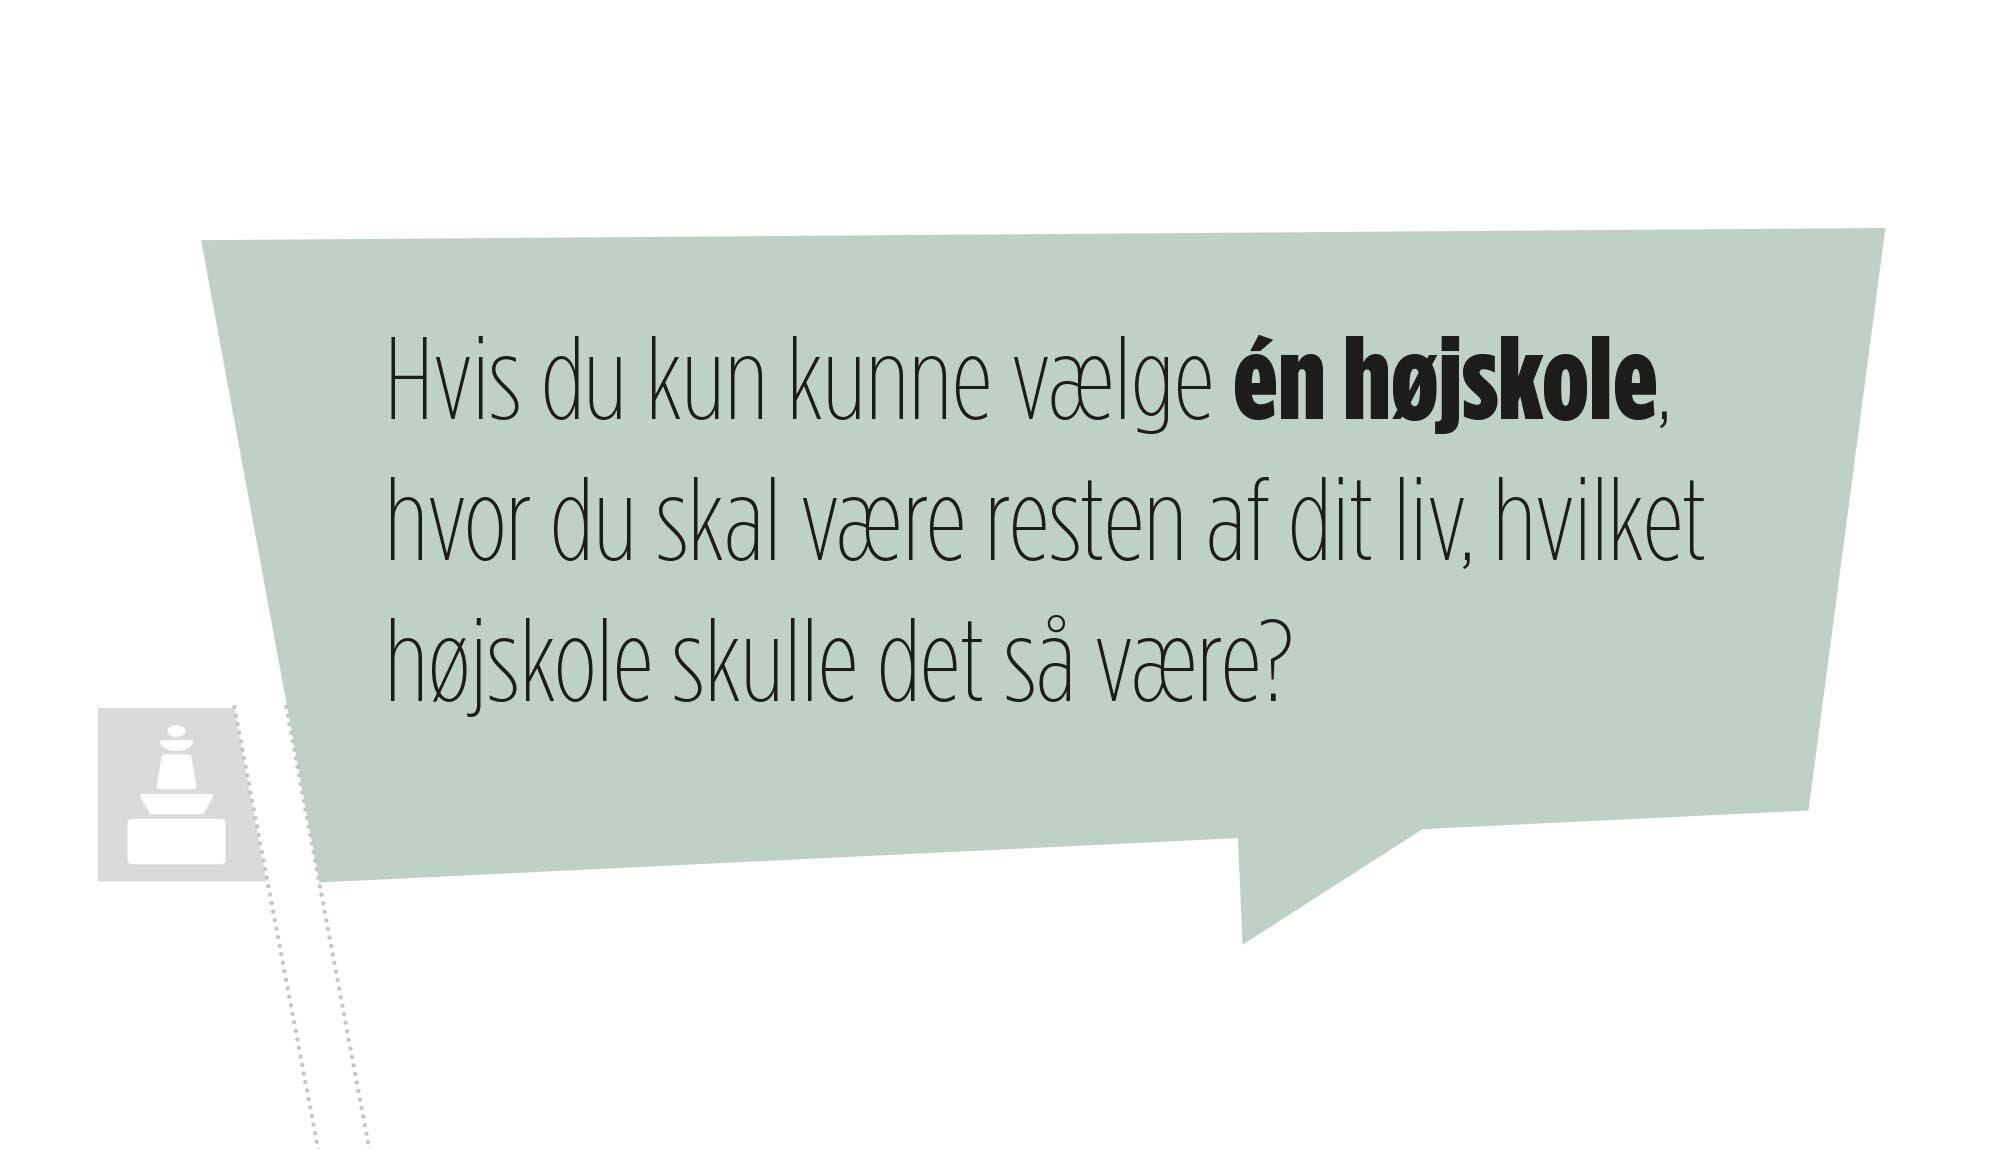 VÆKSTHØJSKOLEN udsagn 01.jpg